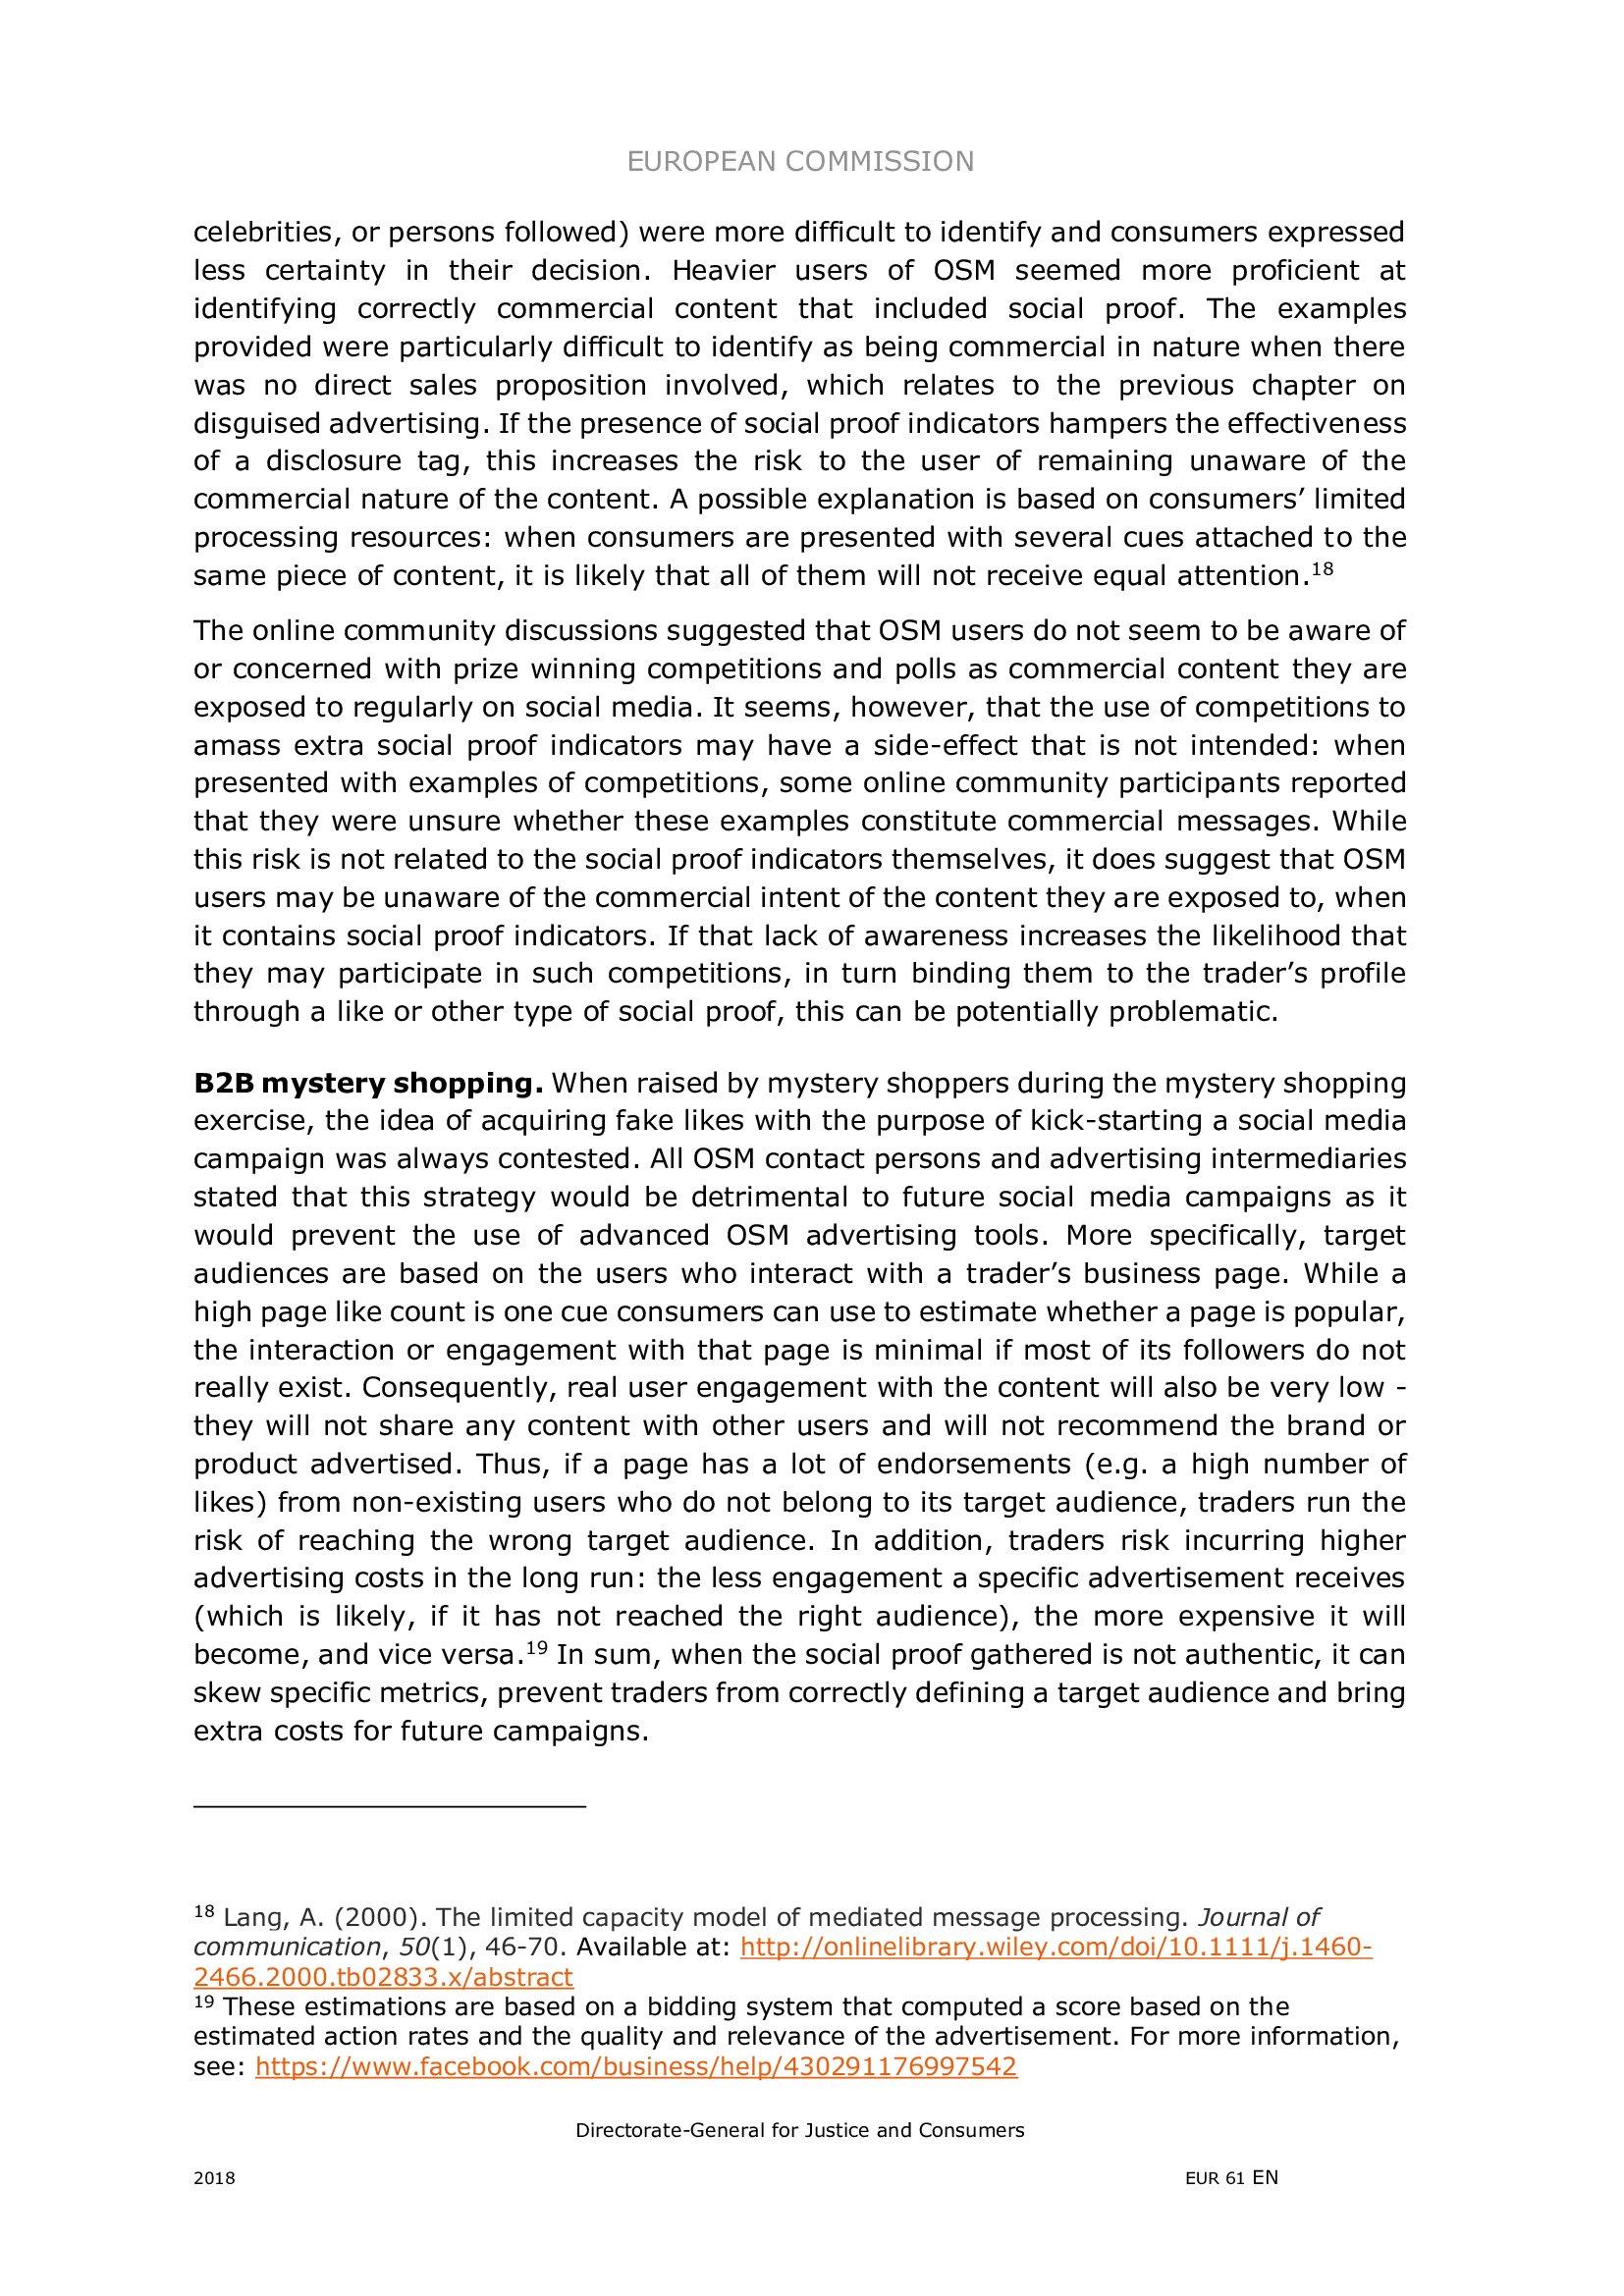 欧盟委员会:2018年社交媒体广告行为调查报告